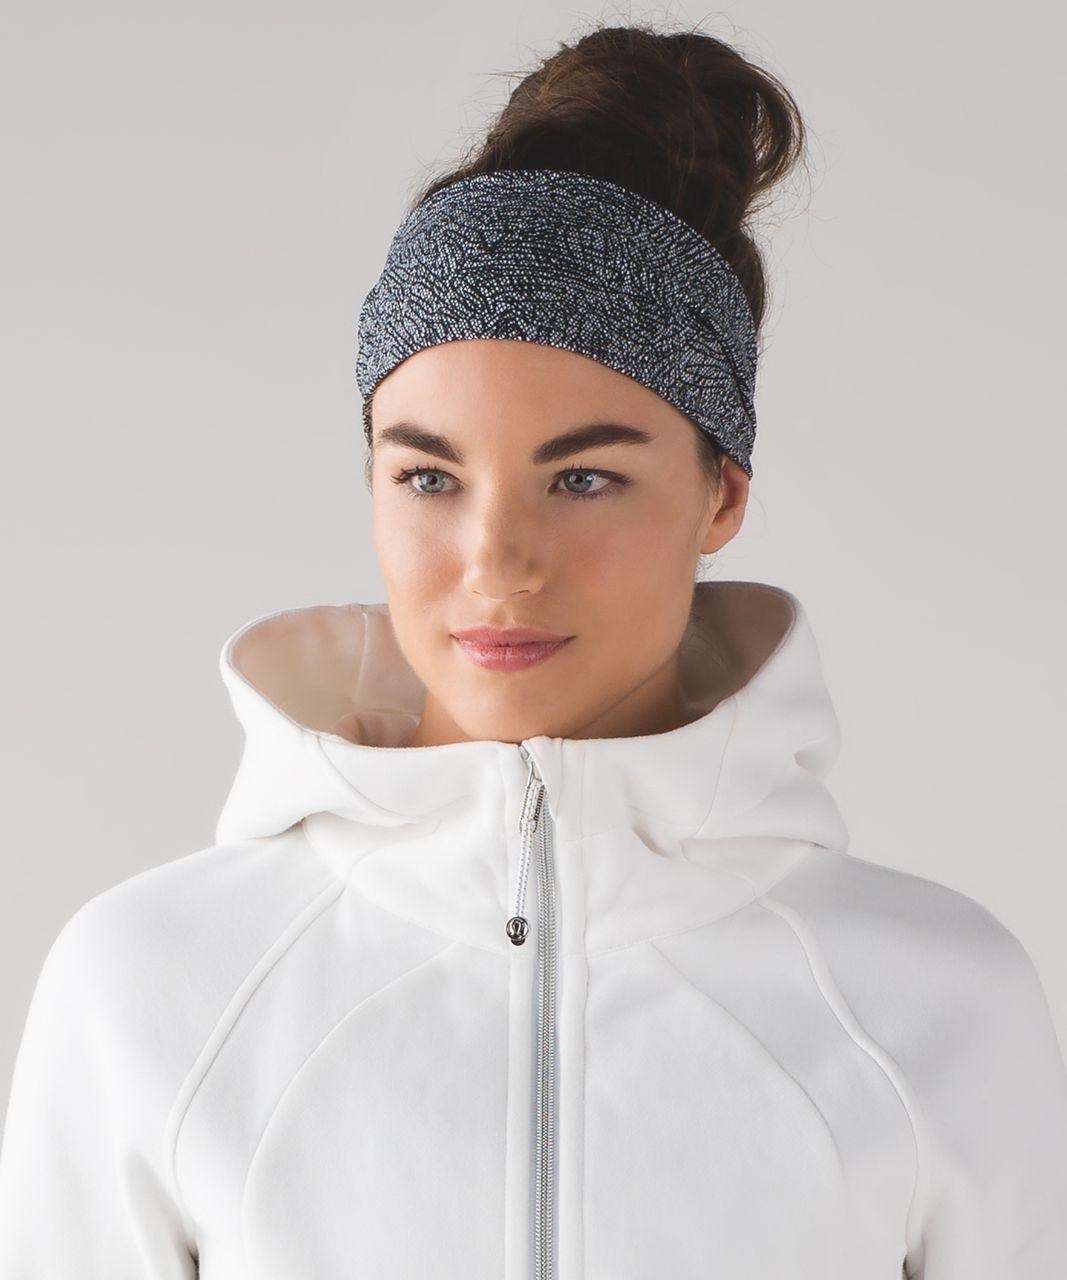 Lululemon Fringe Fighter Headband - Line Up White Black / Heathered Black